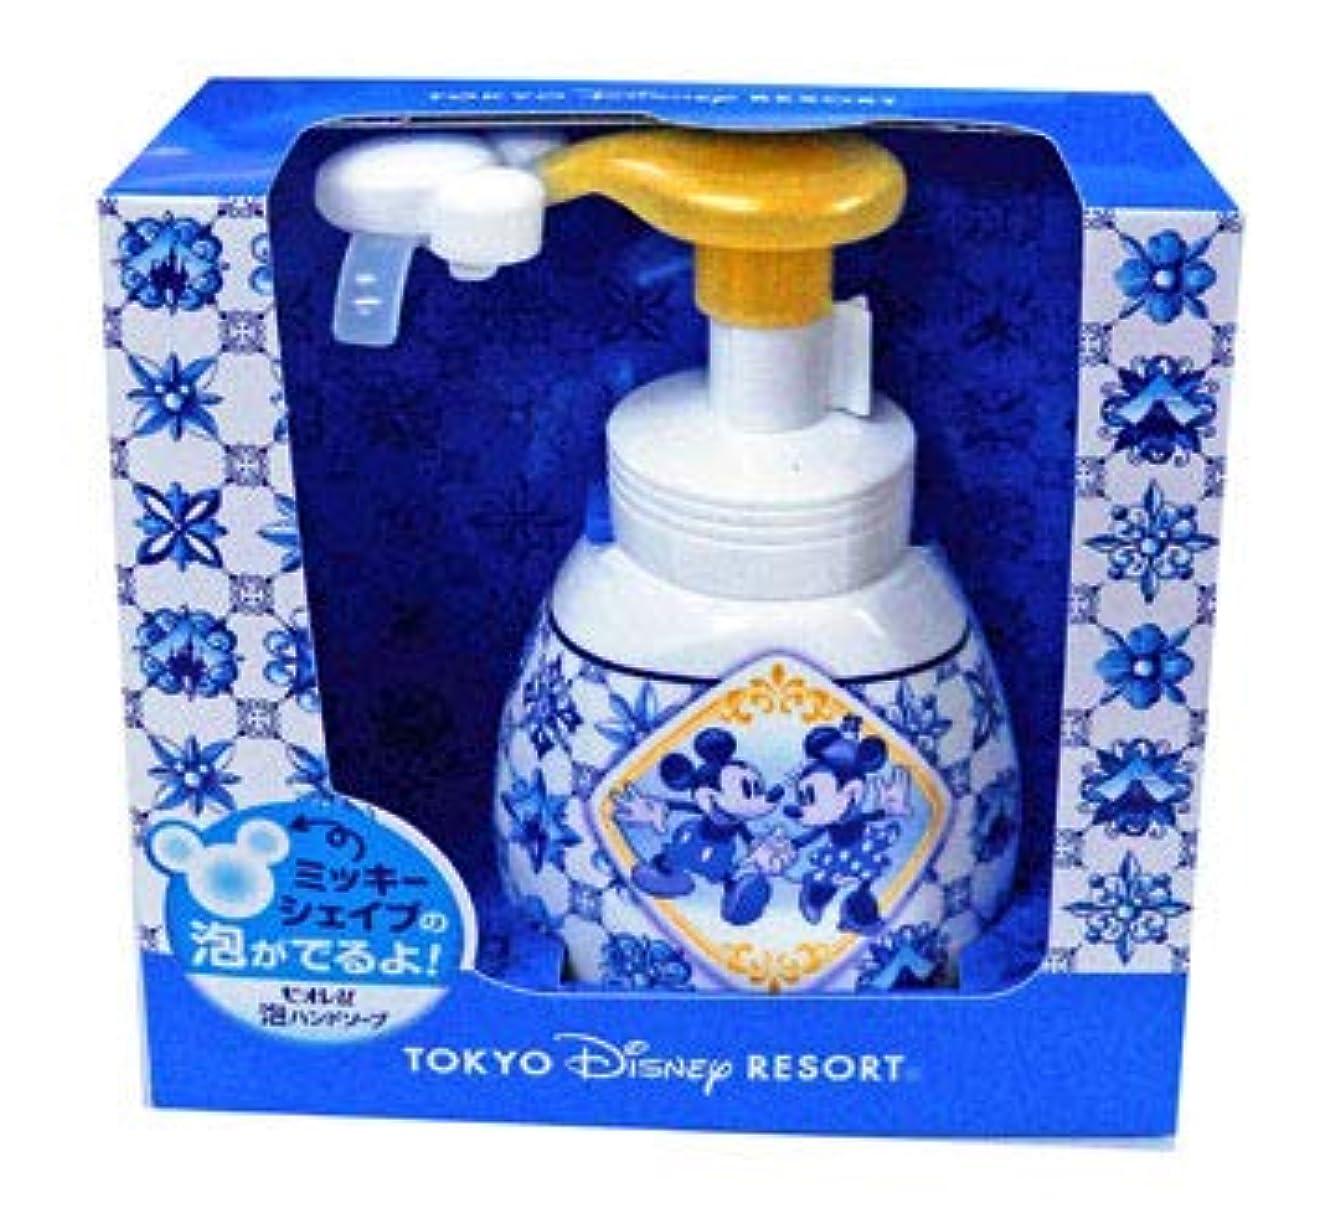 オーストラリア損傷限定泡ハンドソープ(新デザイン) 東京ディズニーリゾート ミッキーとミニー柄  おみやげ